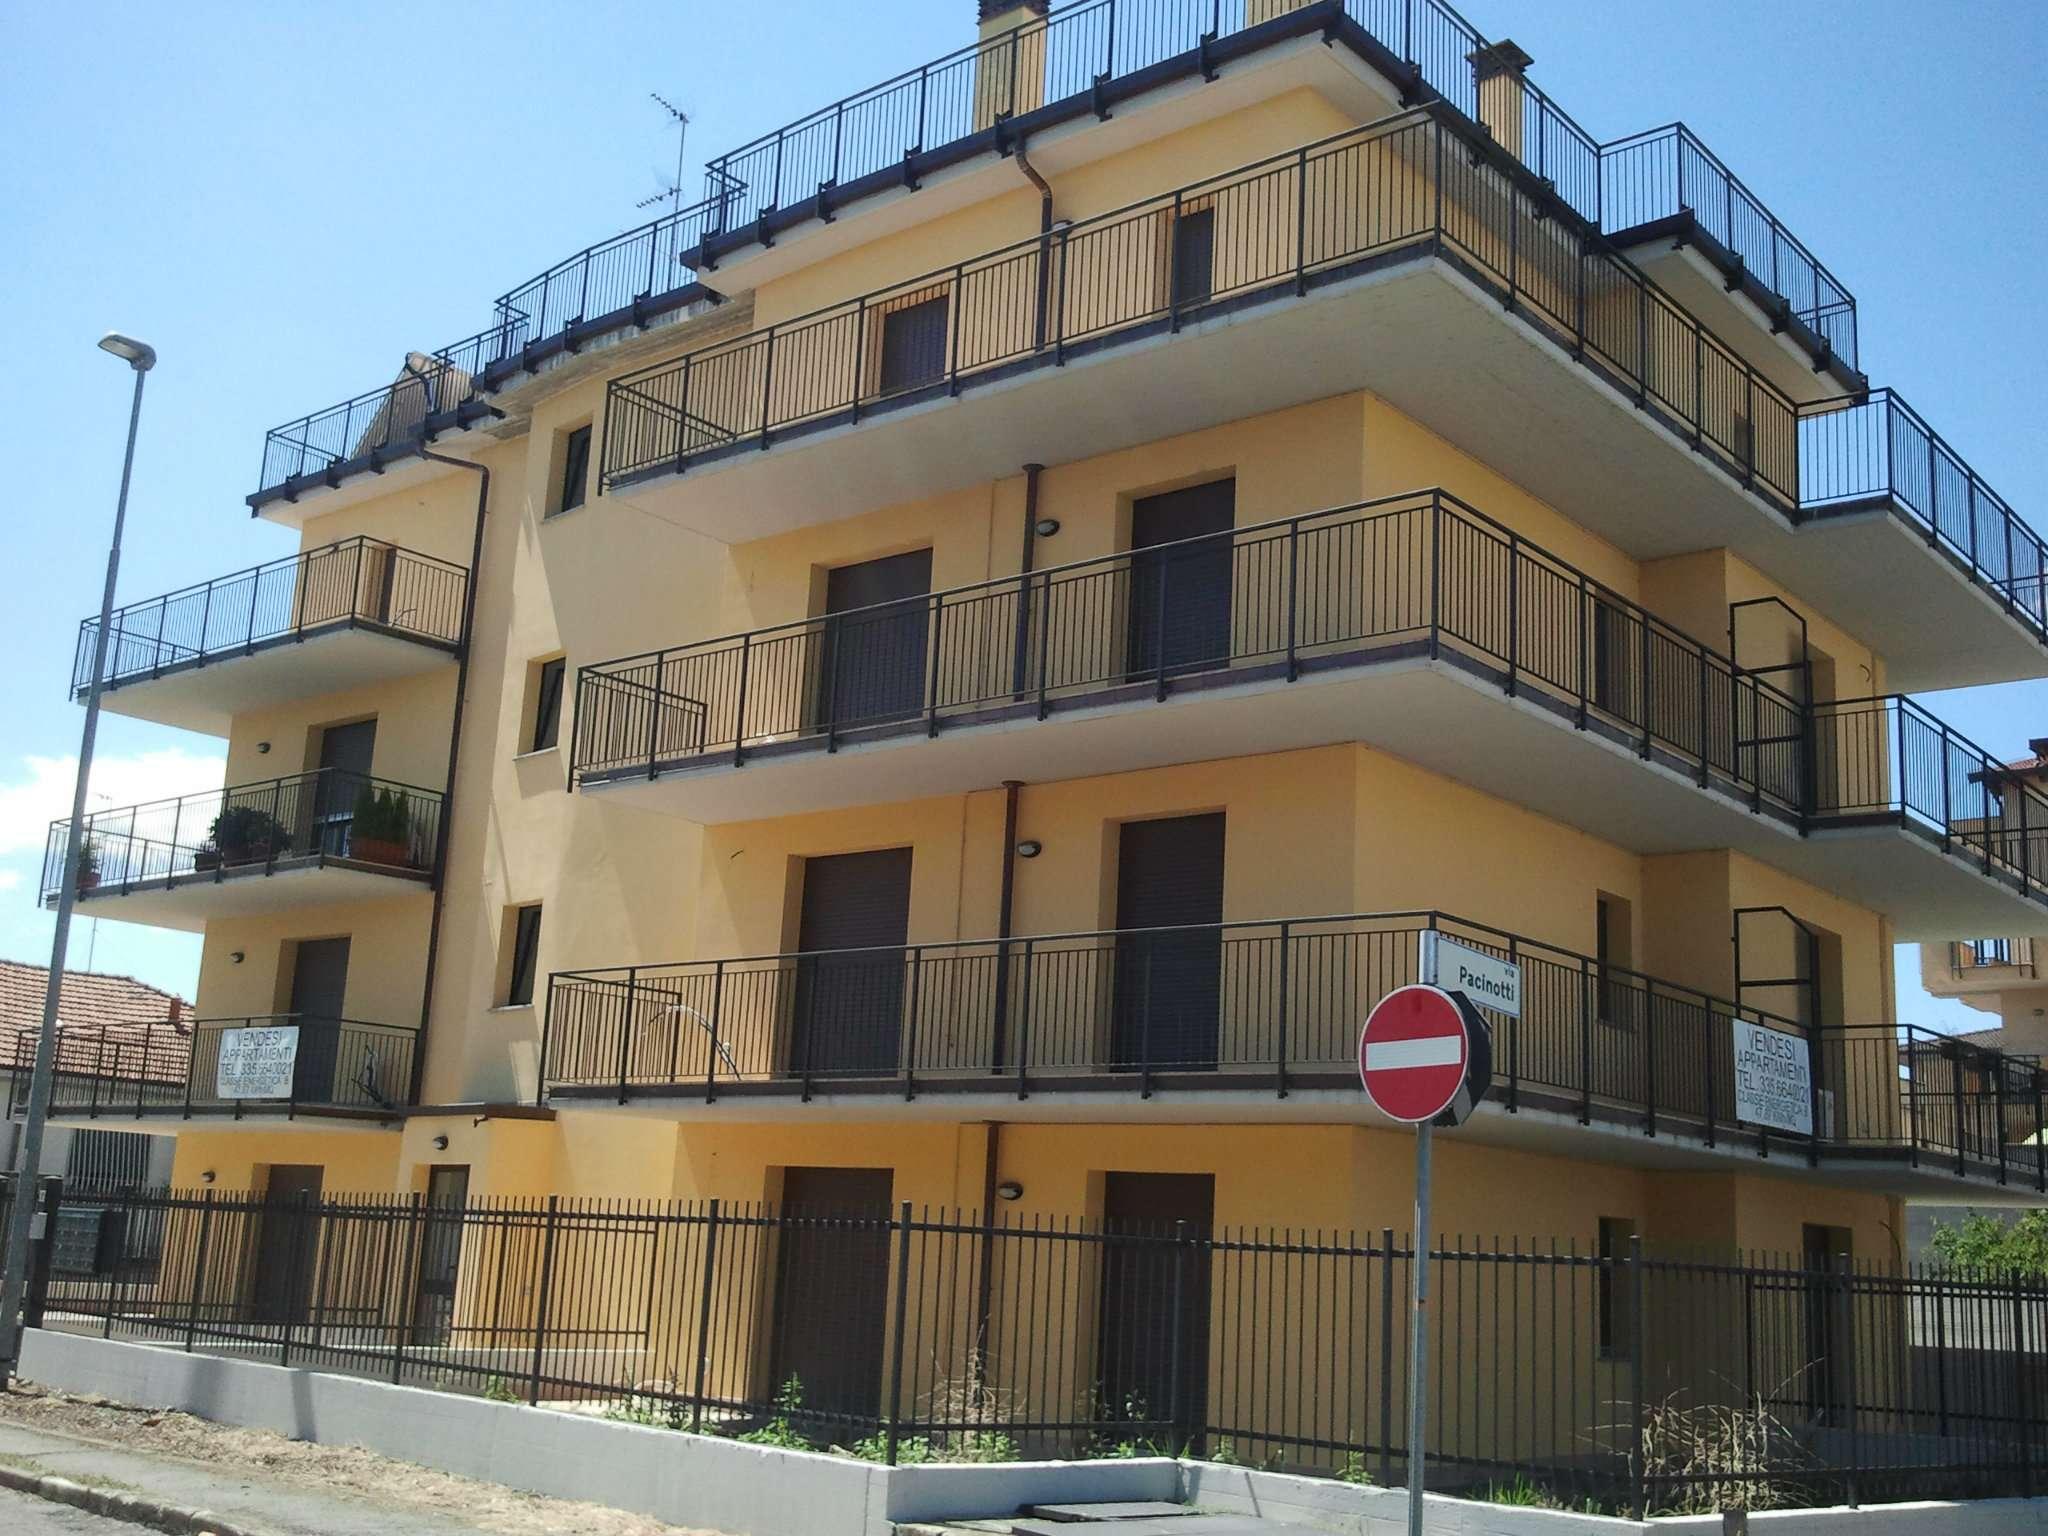 Bilocale Abbiategrasso Via Mereghetti 13